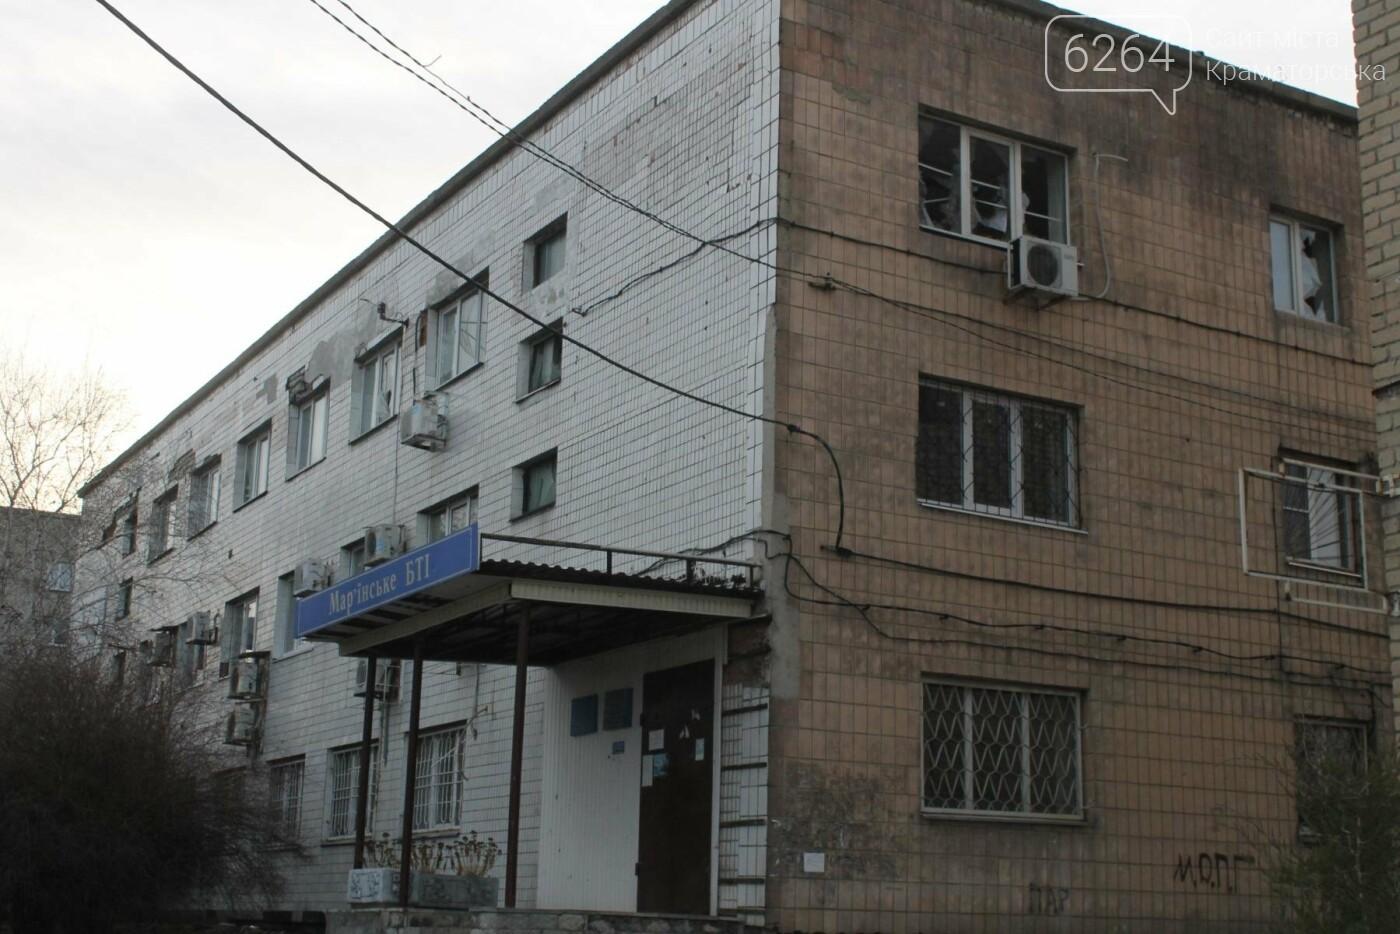 Необъявленная война глазами очевидцев: Марьинка - тонкая граница между стабильностью и разрушенным благополучием , фото-3